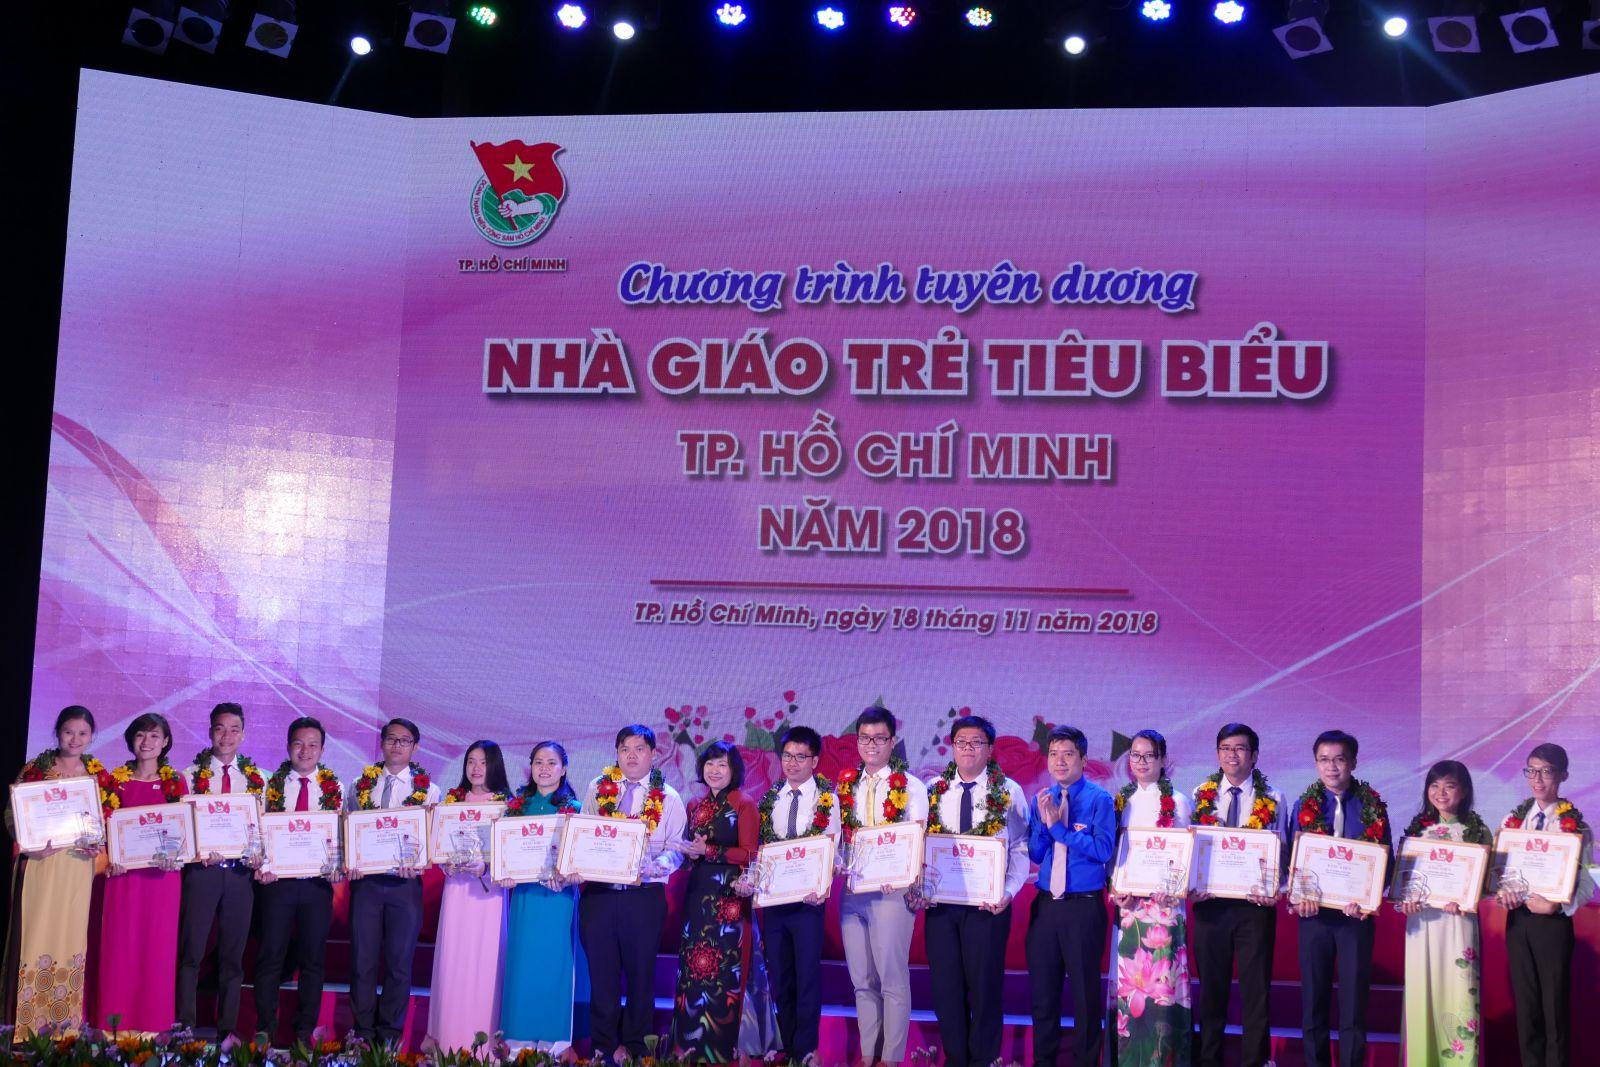 TP.Hồ Chí Minh: Tuyên dương 248 nhà giáo trẻ tiêu biểu